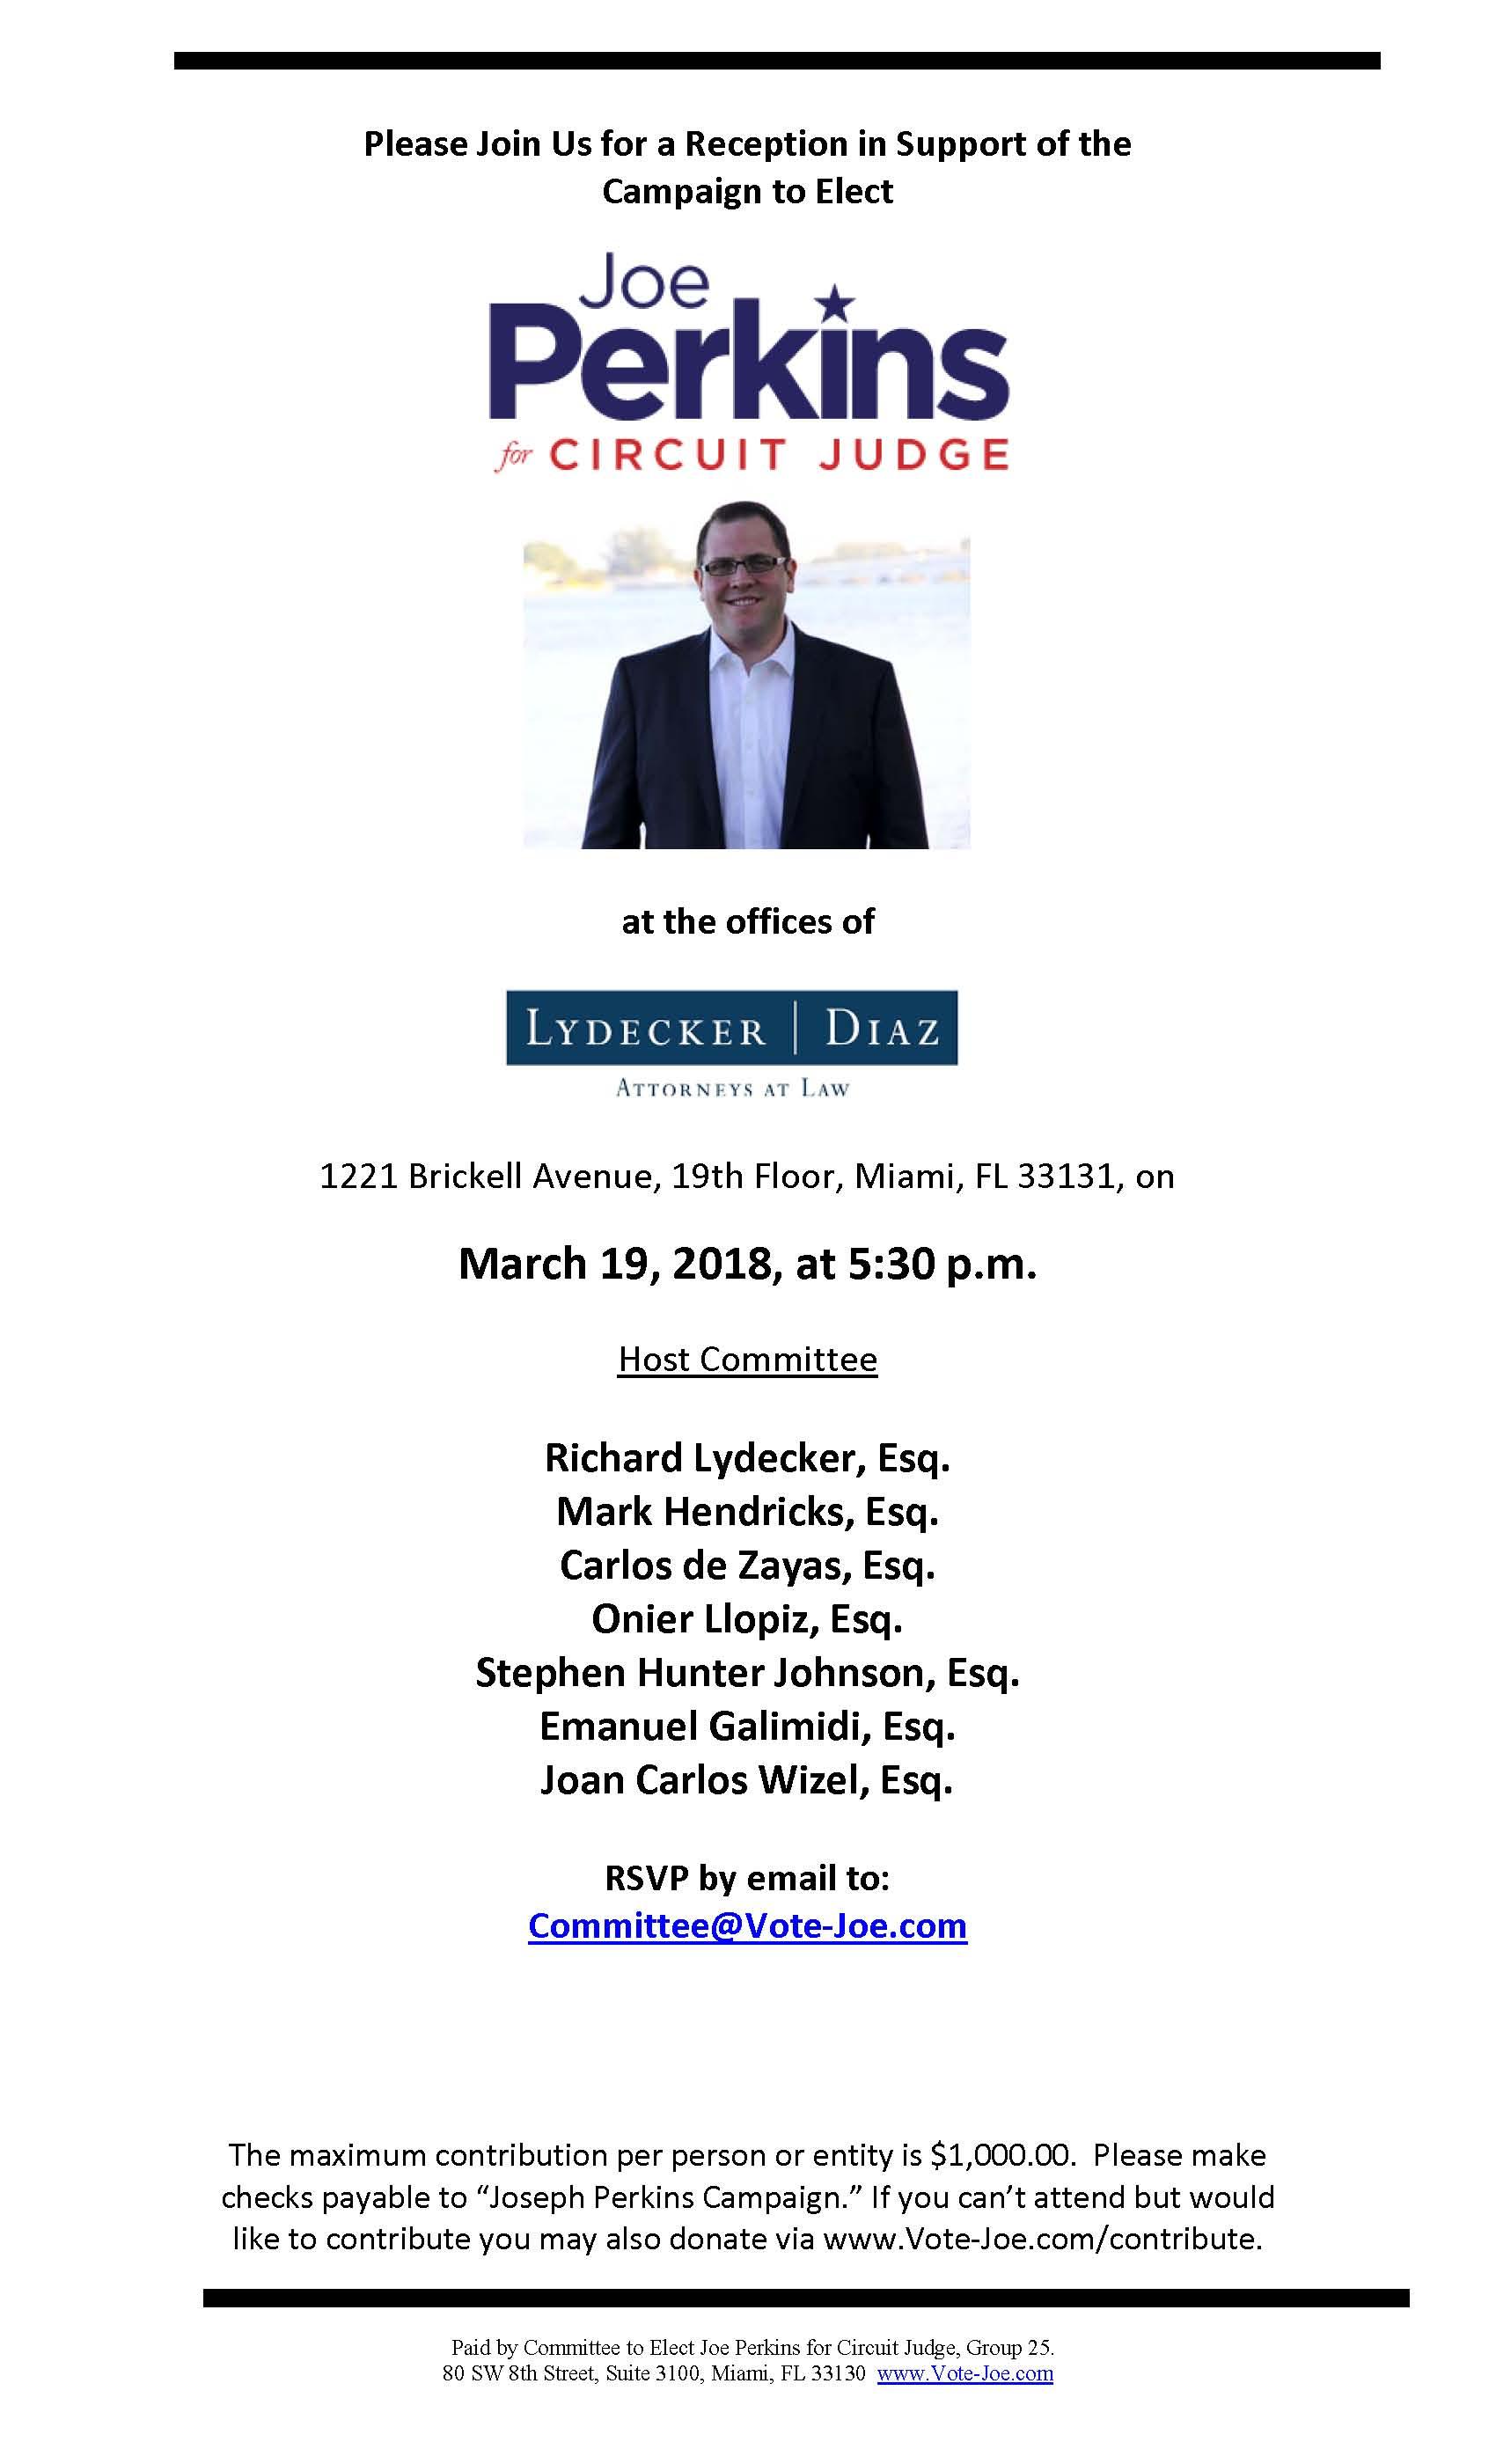 March 19 Lydecker Diaz Reception.jpg